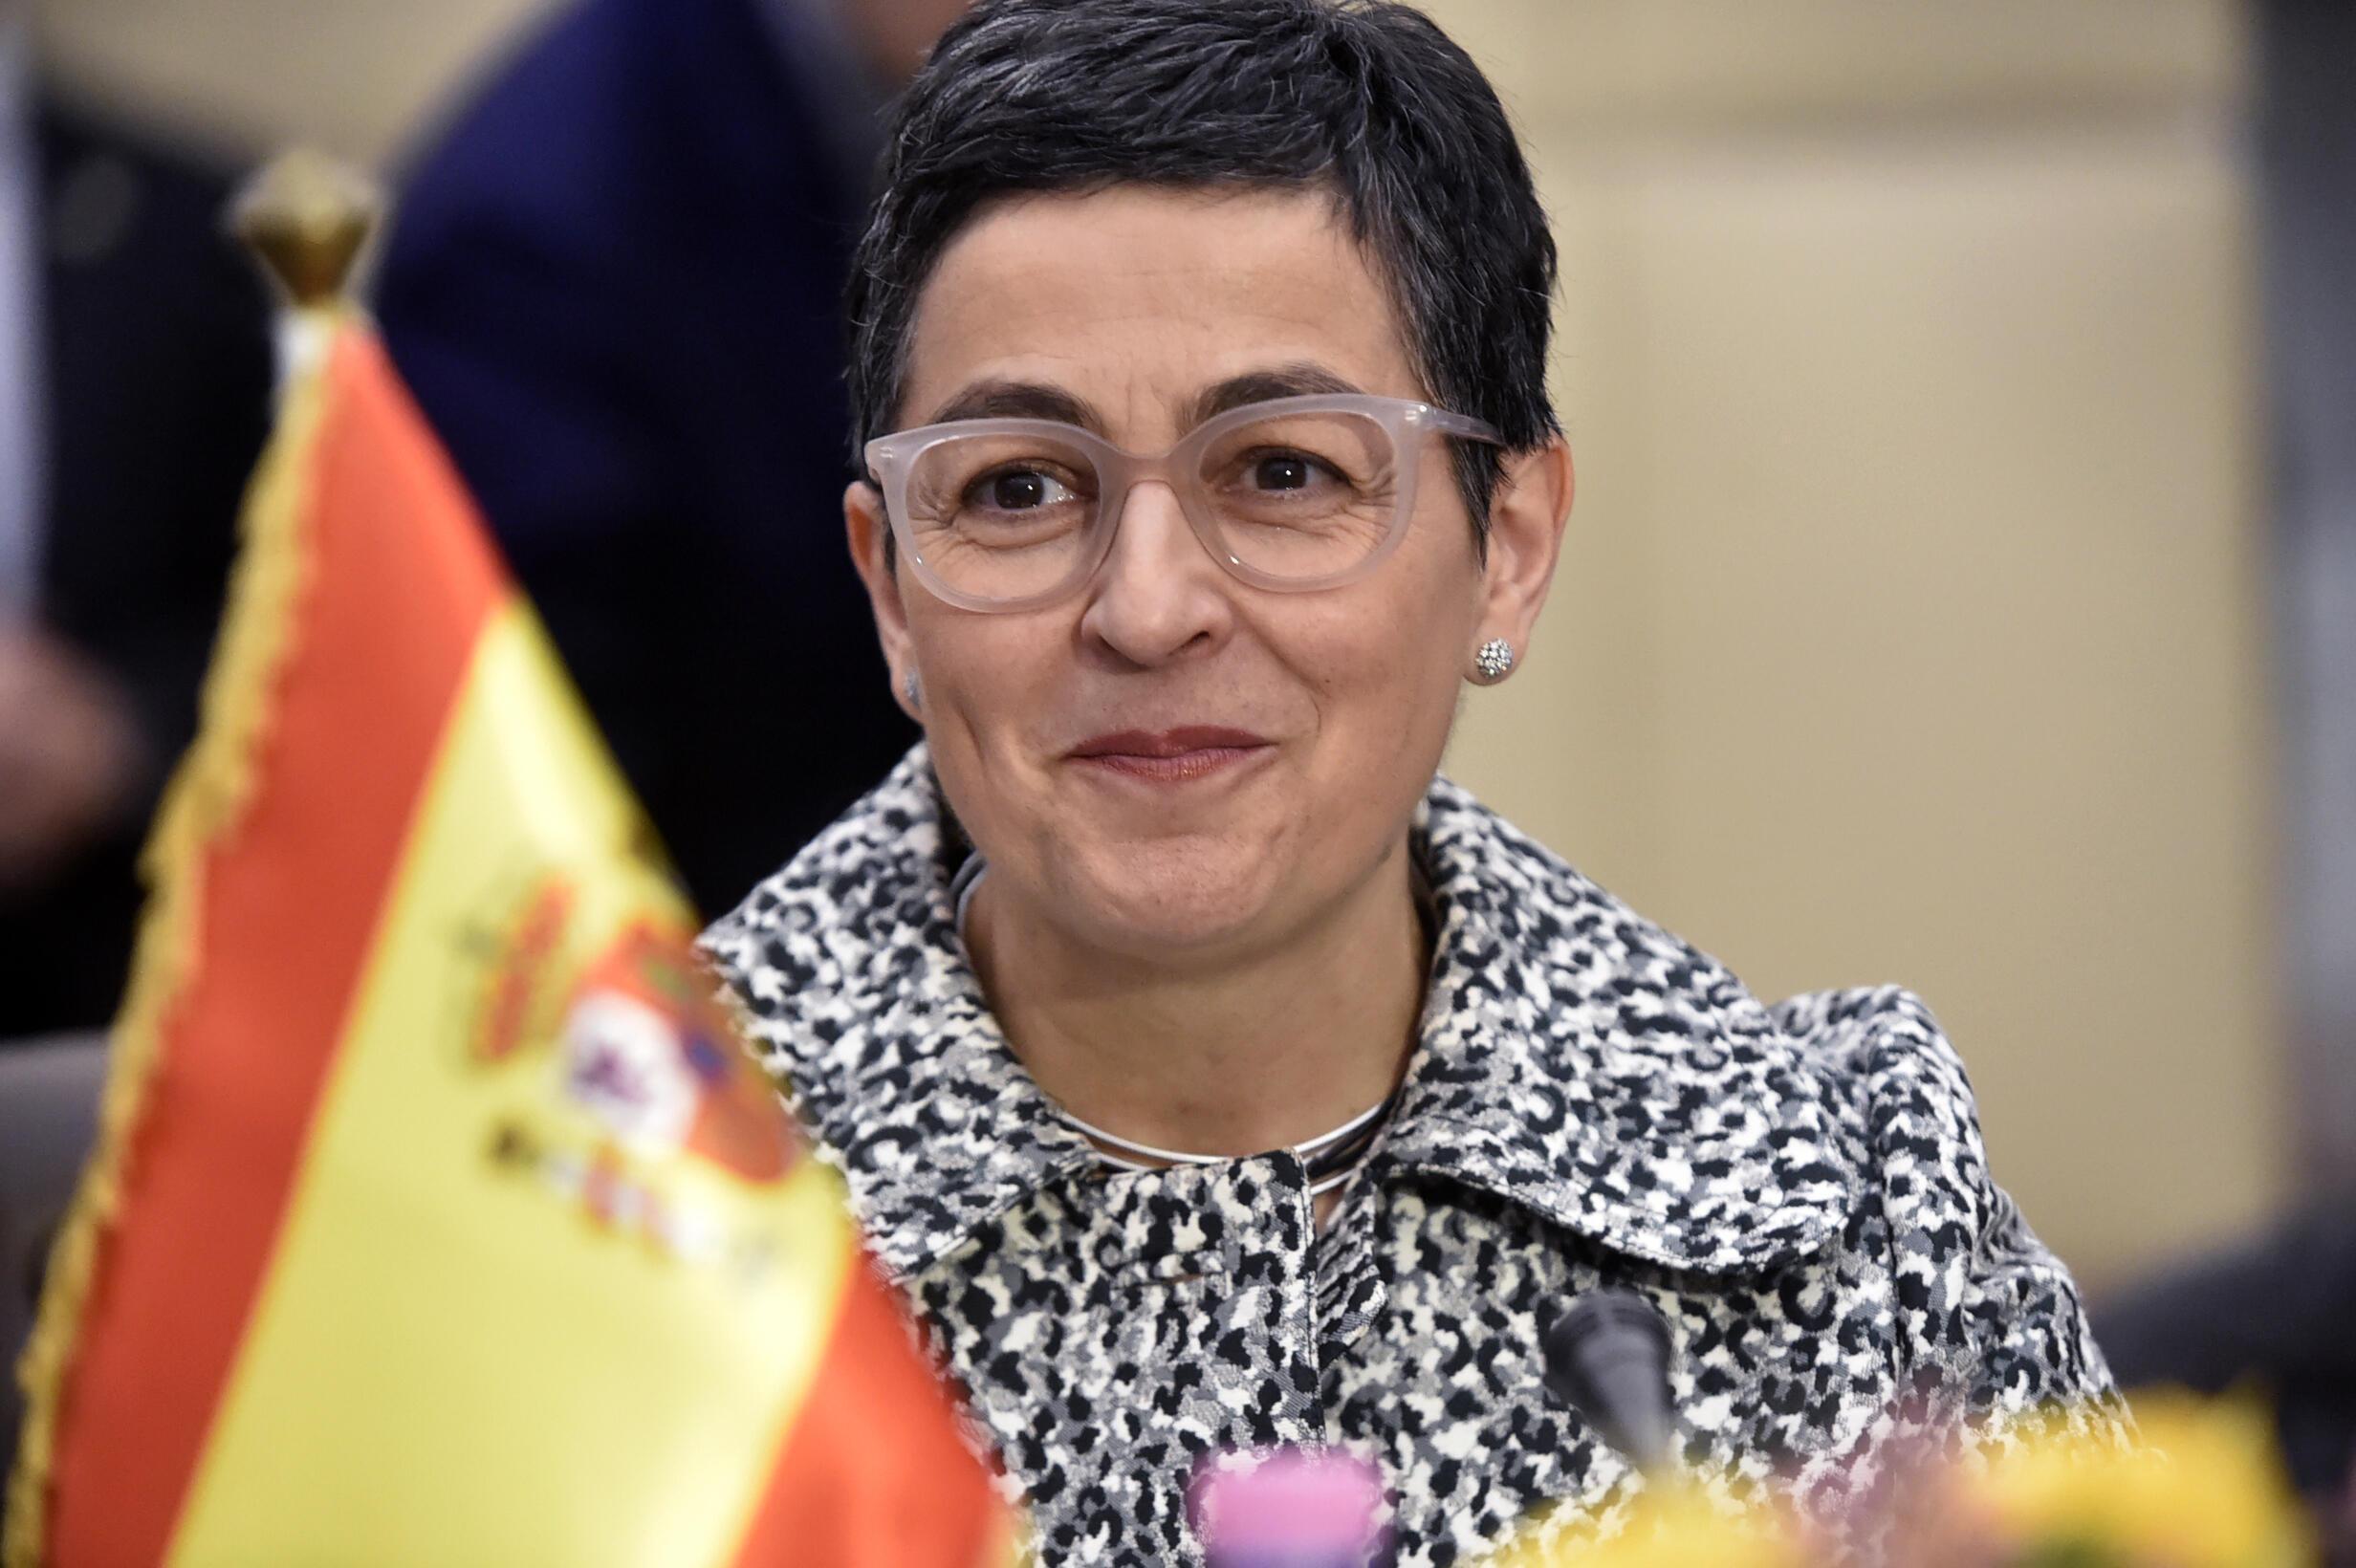 西班牙外交部长阿兰查·冈萨雷斯·拉亚资料图片